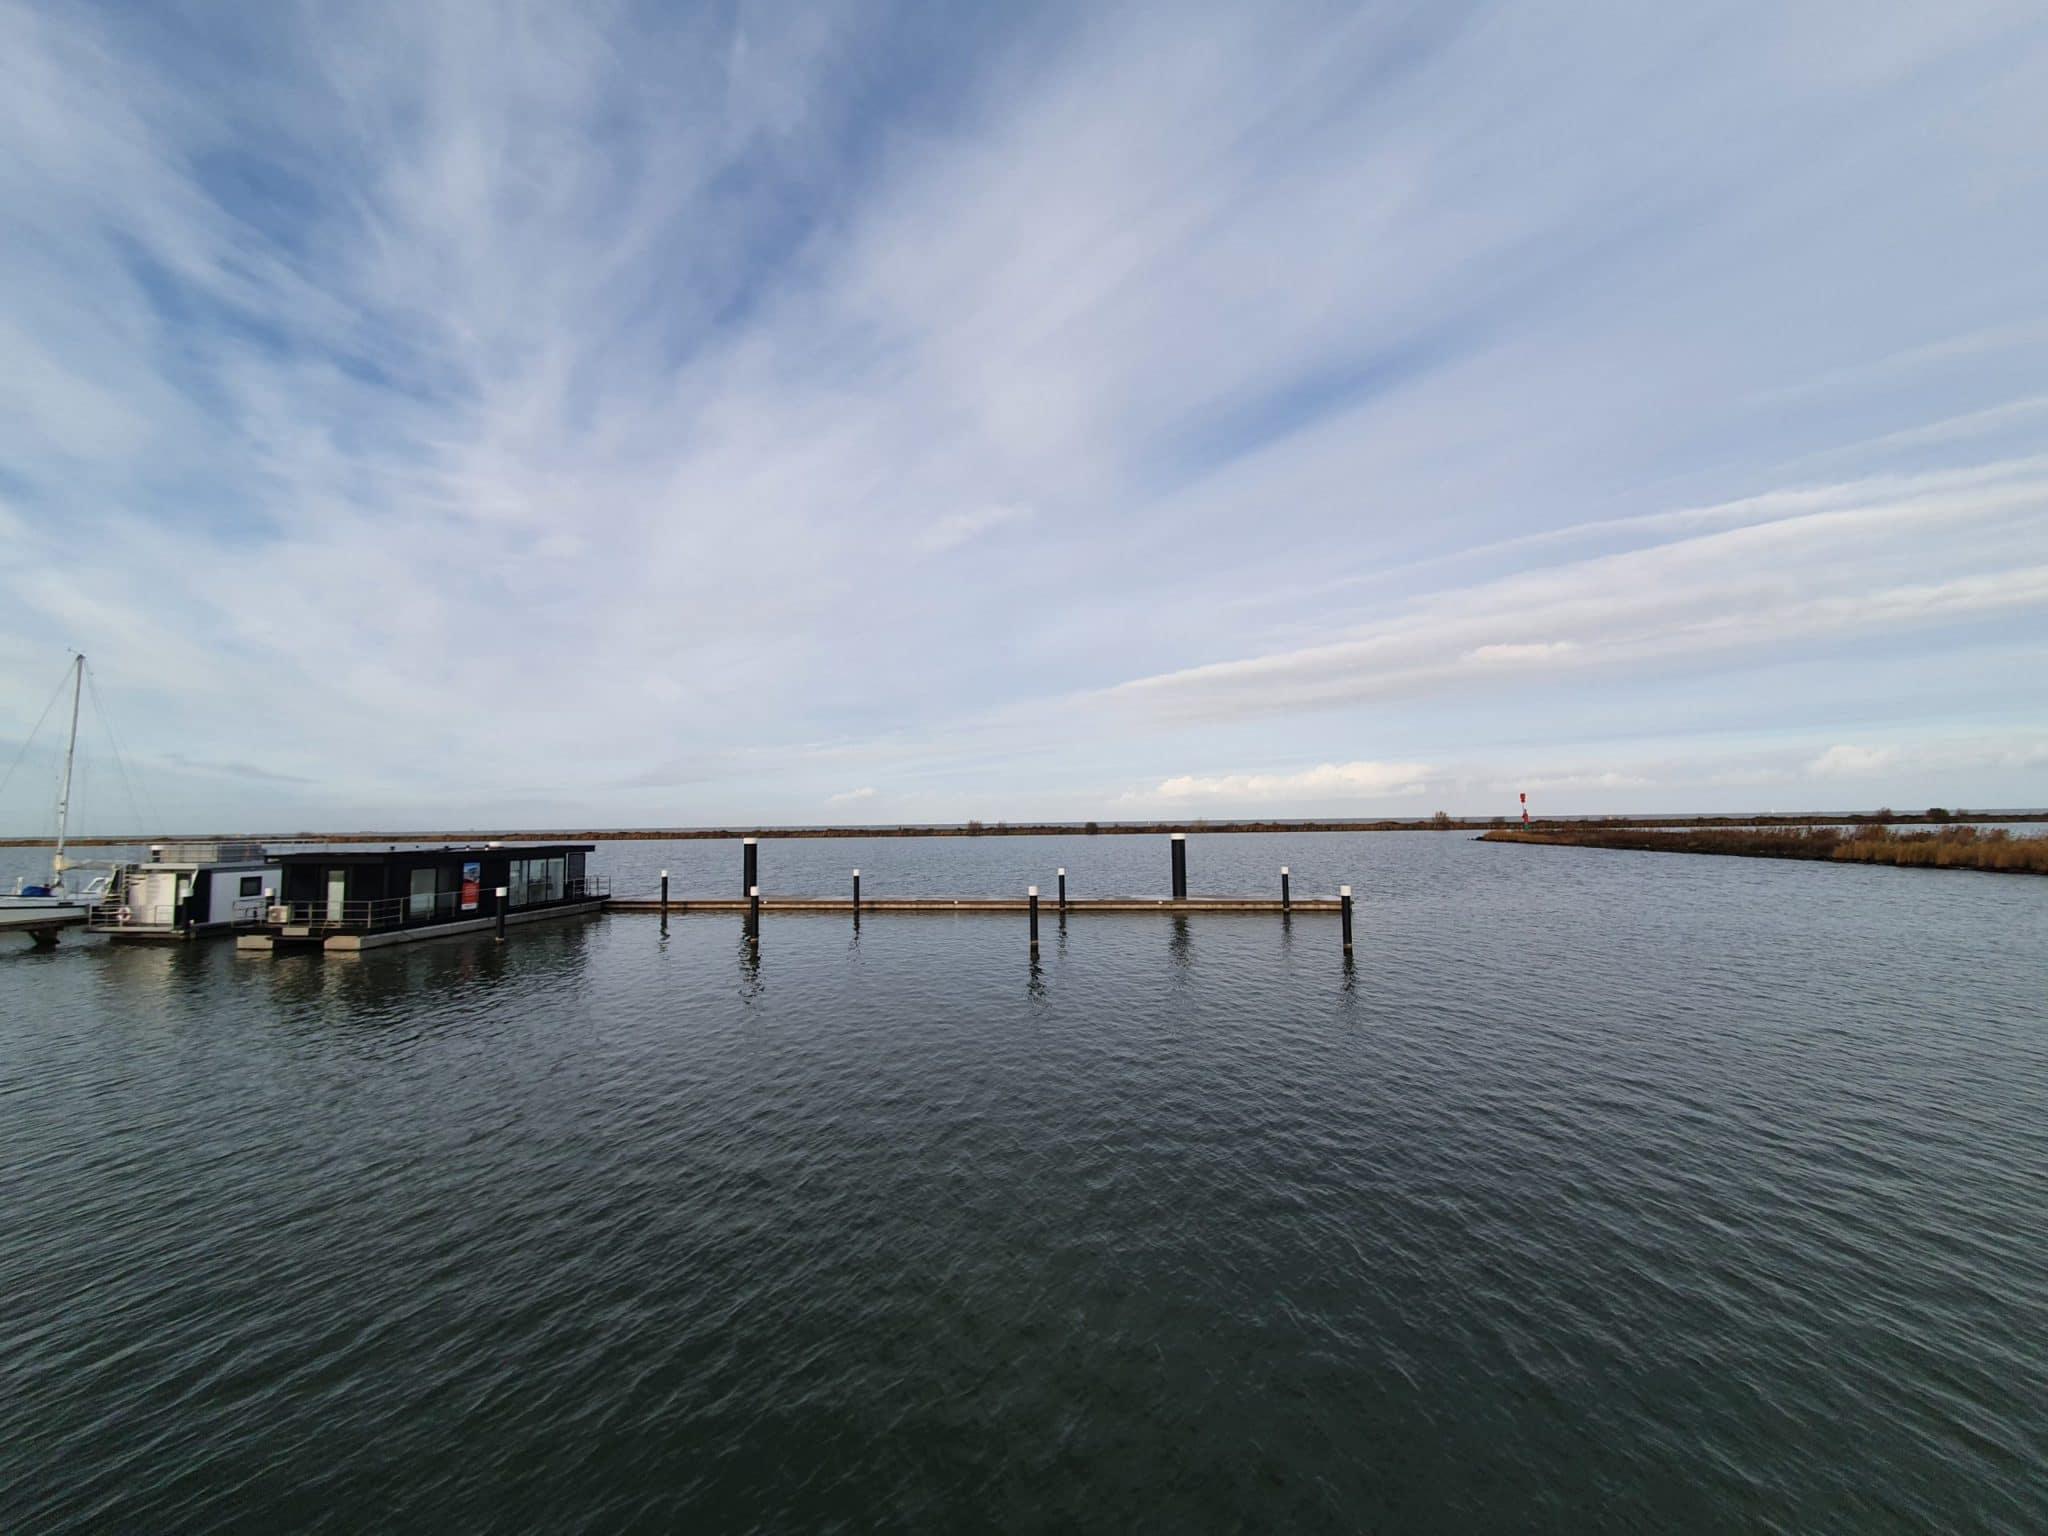 Mermaid-Hausboote_Lelystad_Hafen